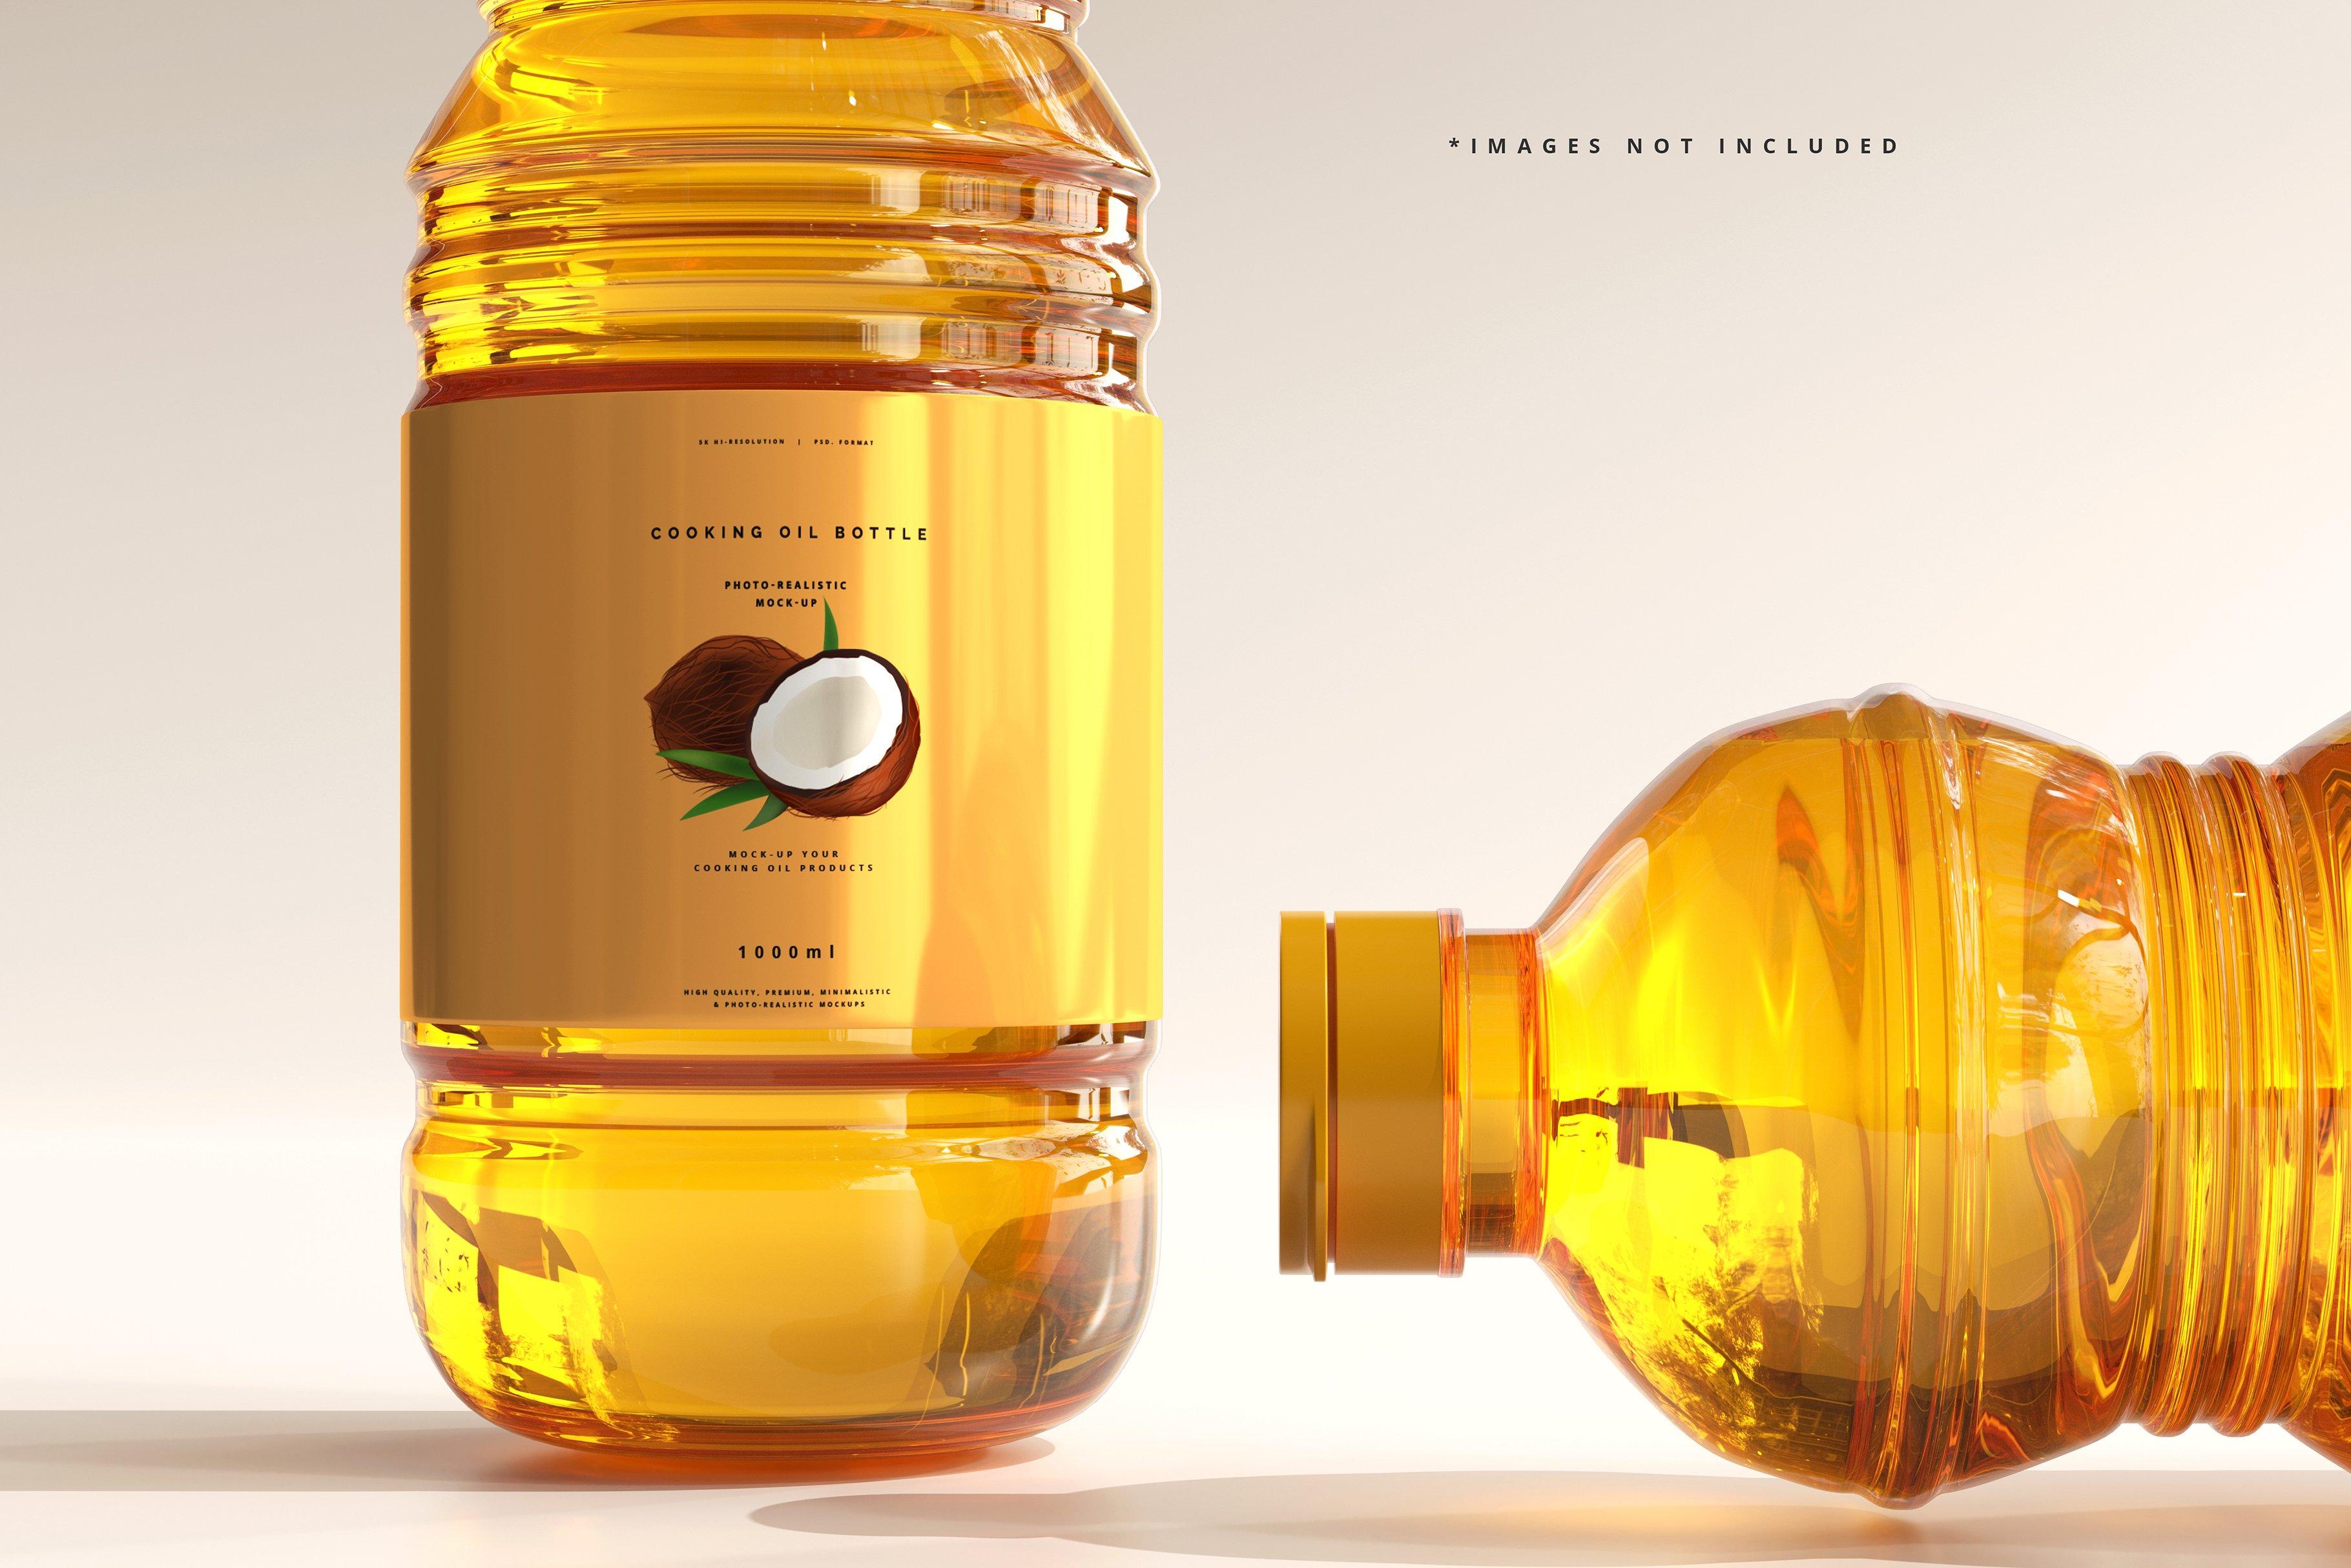 8款透明质感食用油塑料瓶设计展示贴图样机模板 Cooking Oil Bottle Mockup插图7